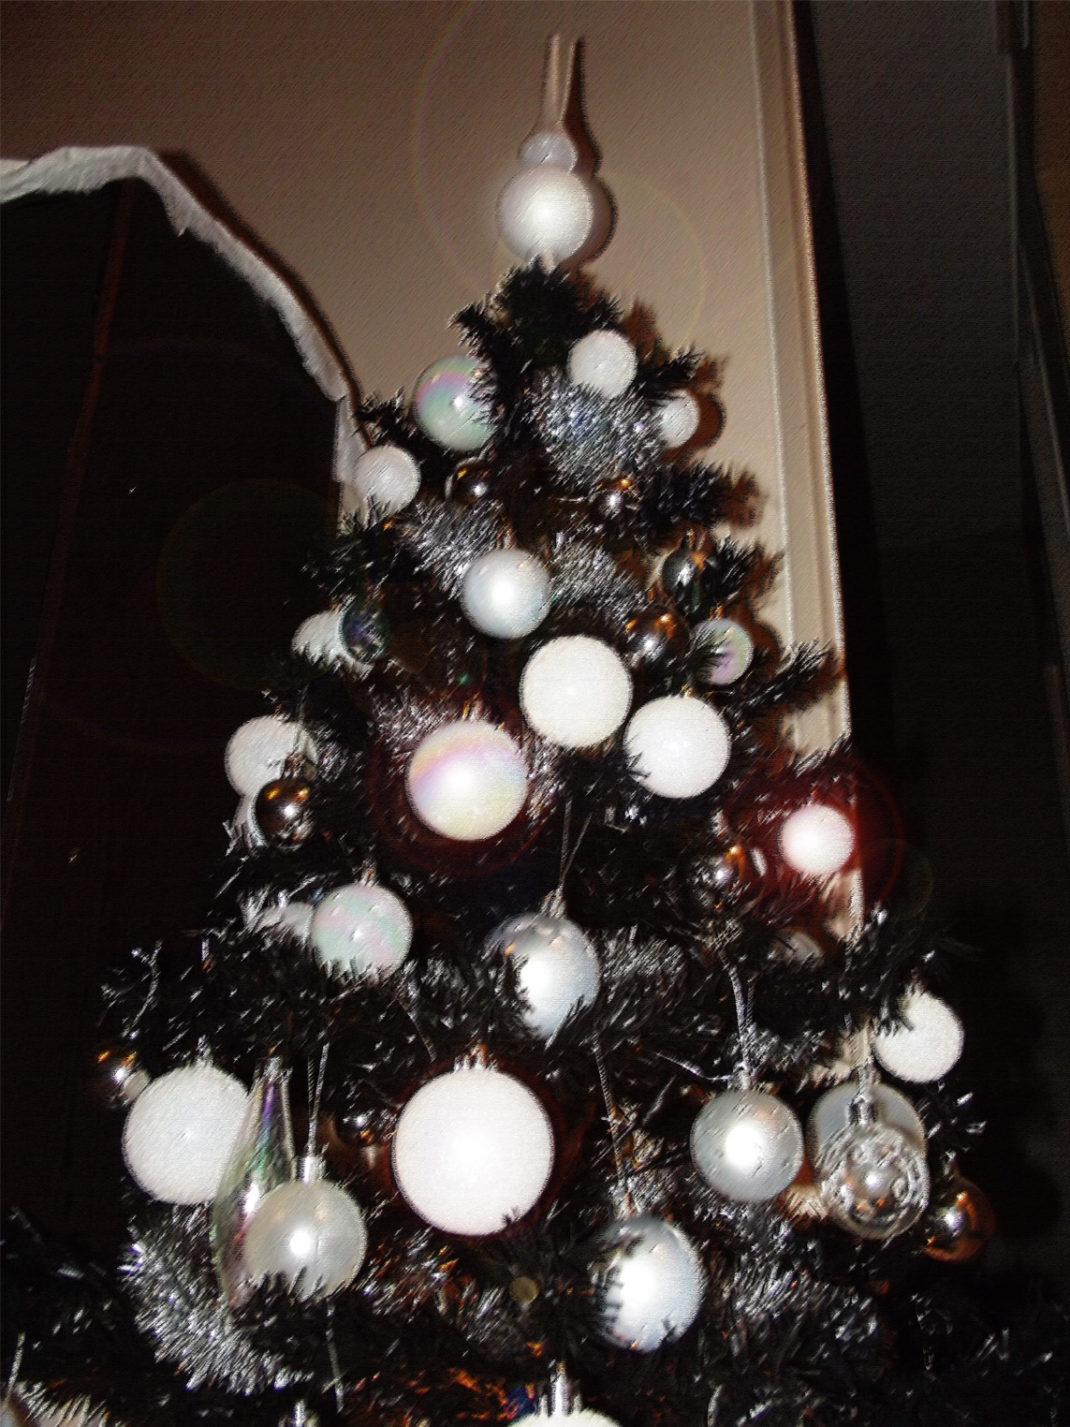 Ma d coration de no l blanc et argent deco tendency - Sapin de noel decoration blanc argent ...